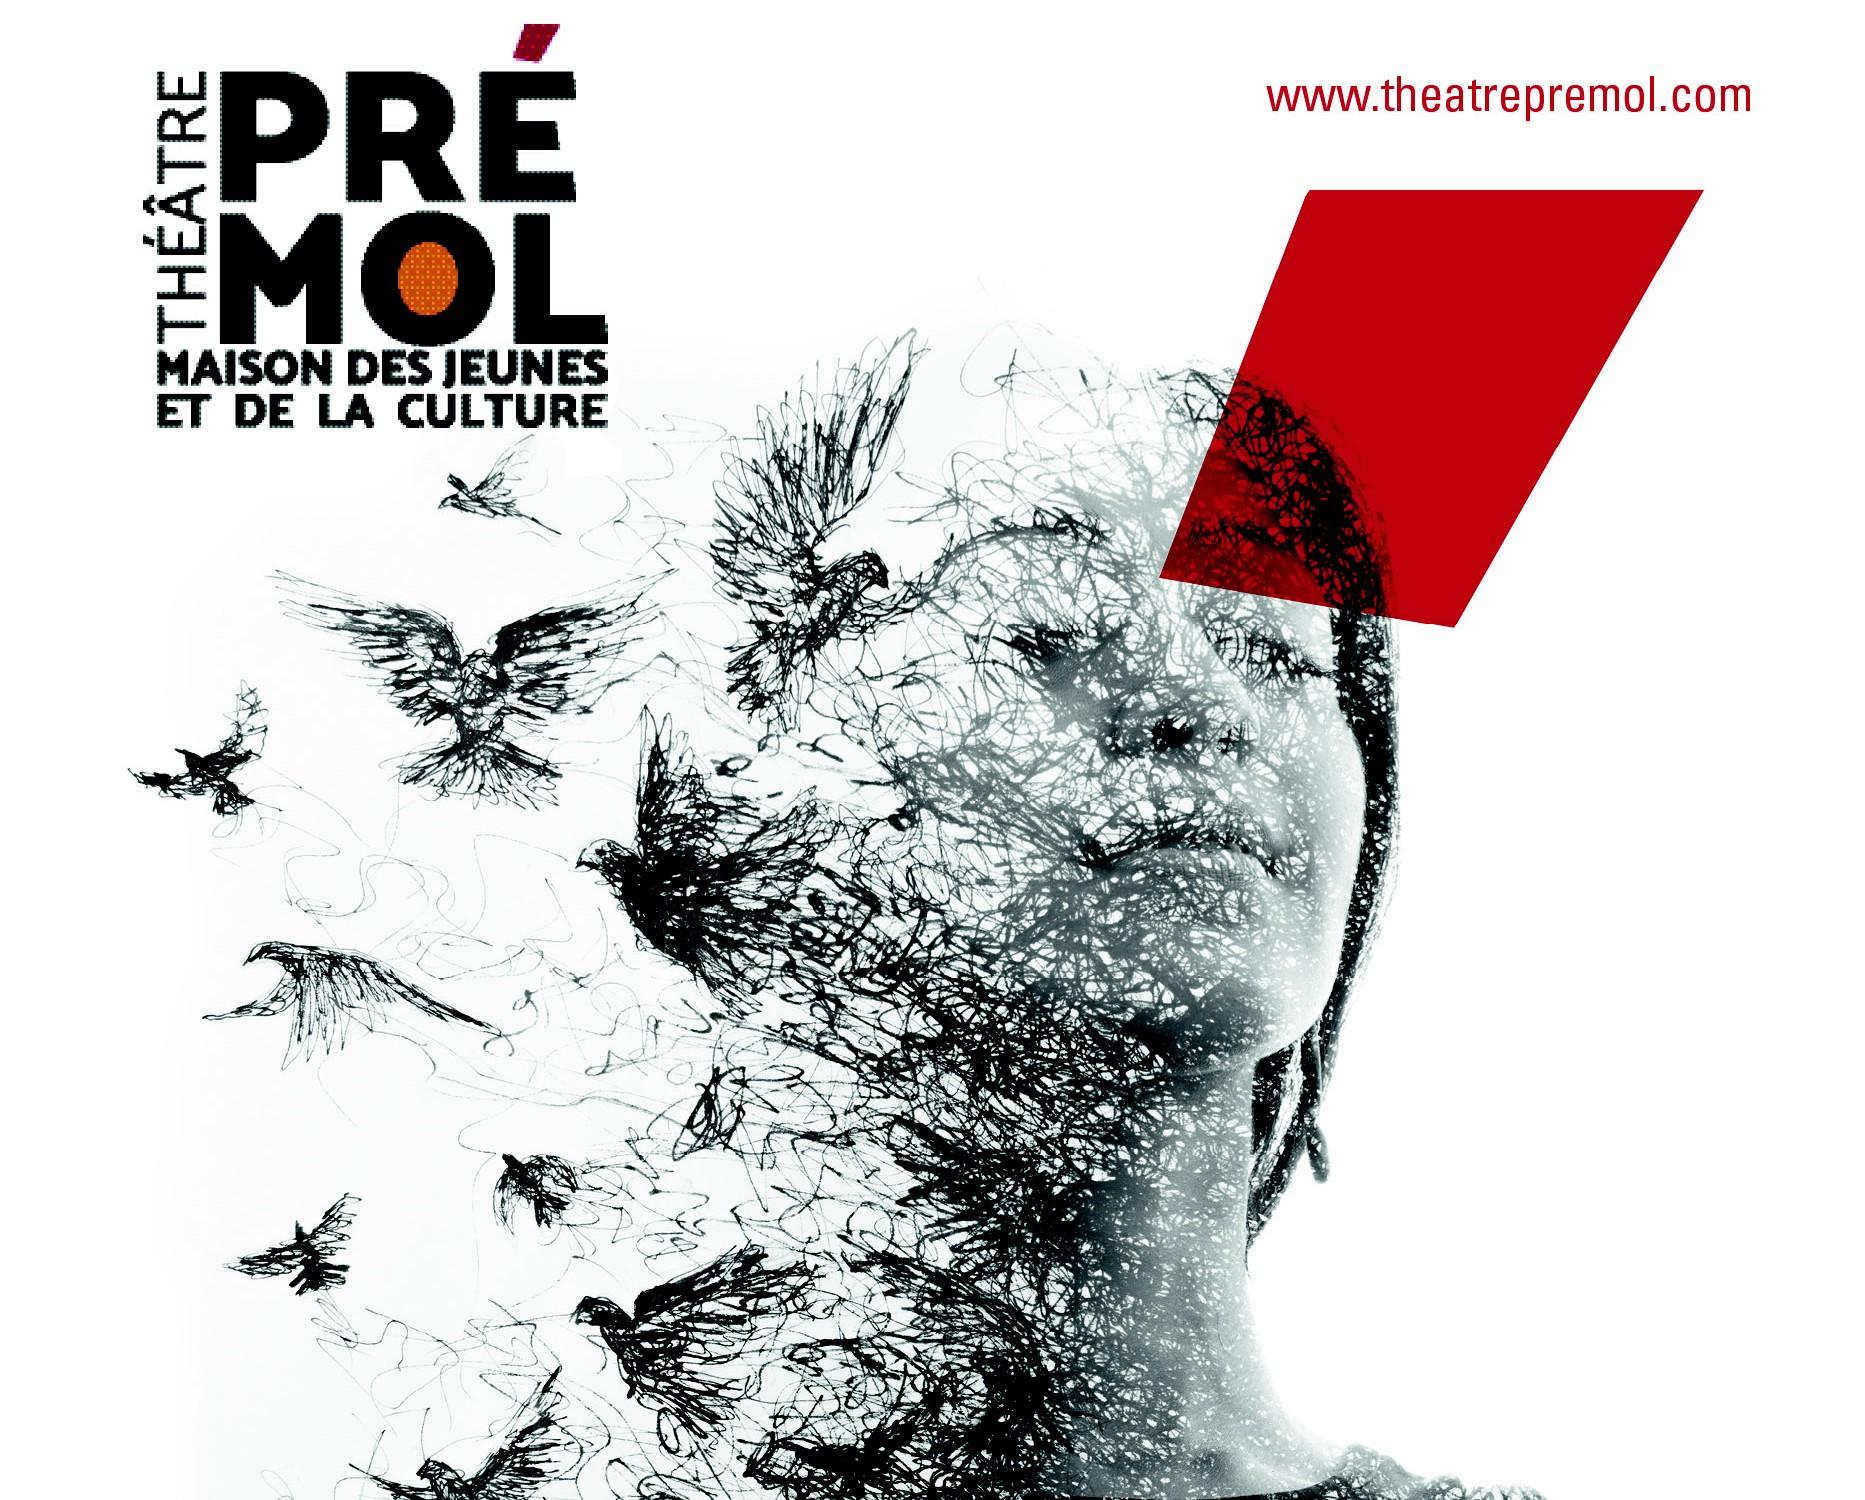 La Nuit du Théâtre Prémol – Théâtre Prémol réouverture